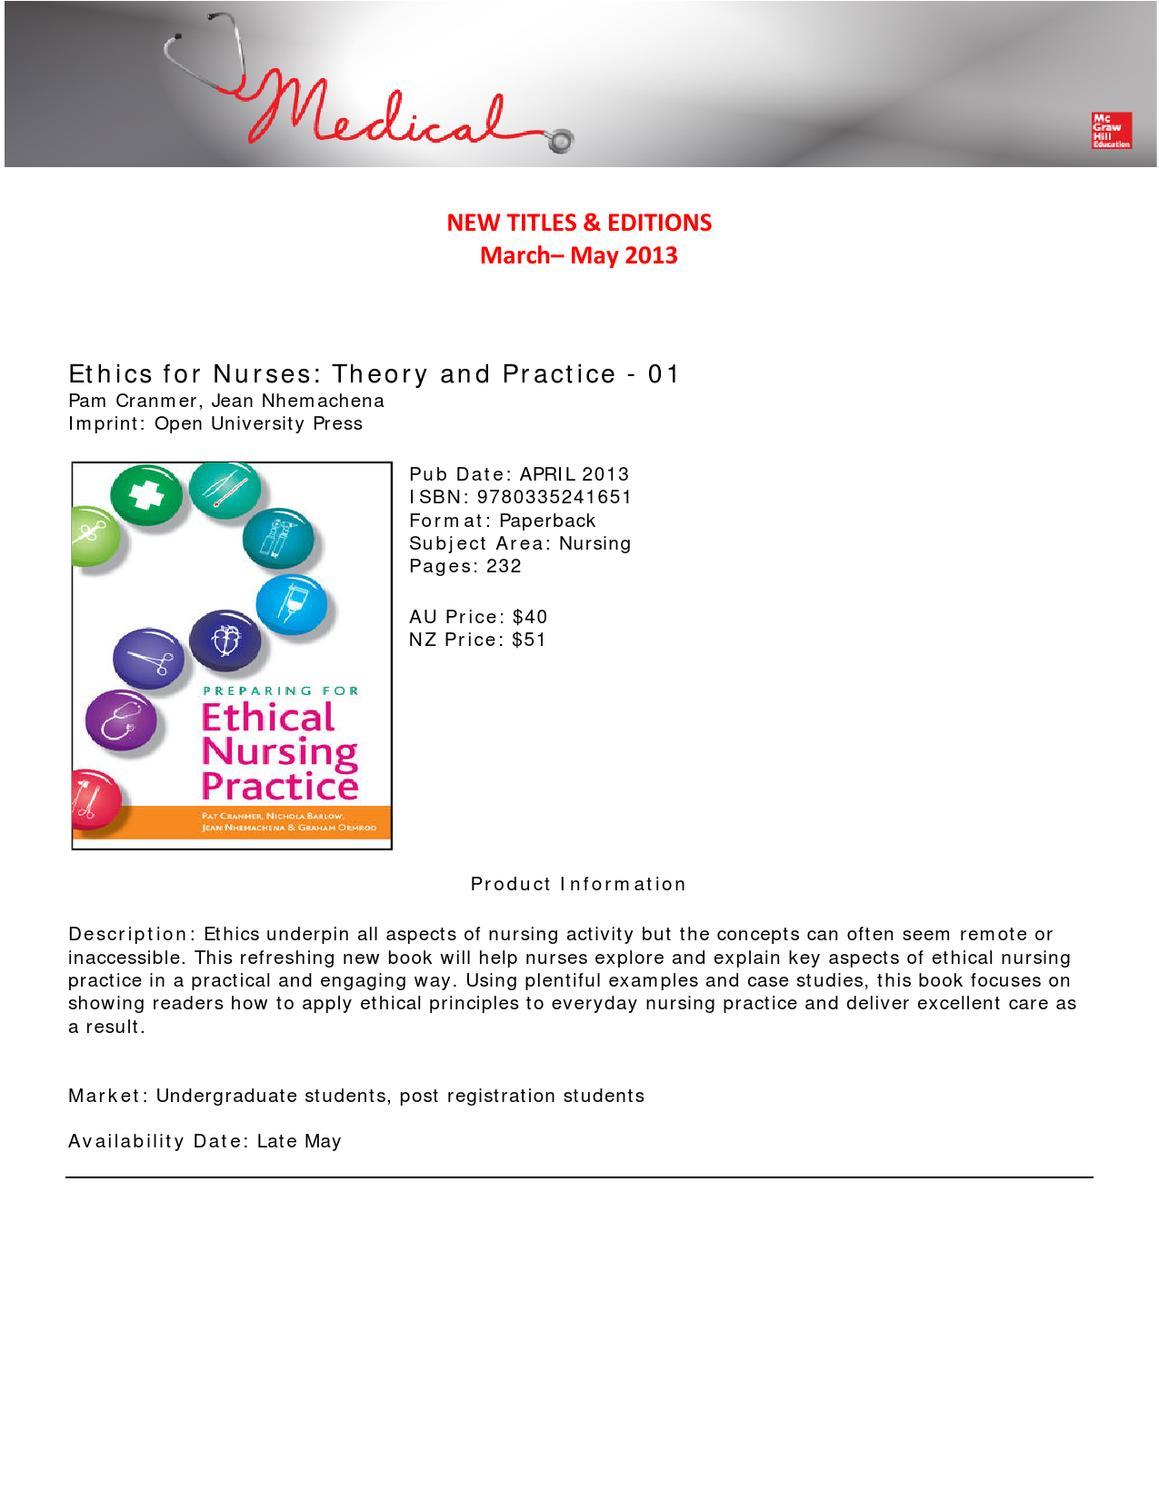 March to May Medical Product Catalogue by Sisenanda Santos